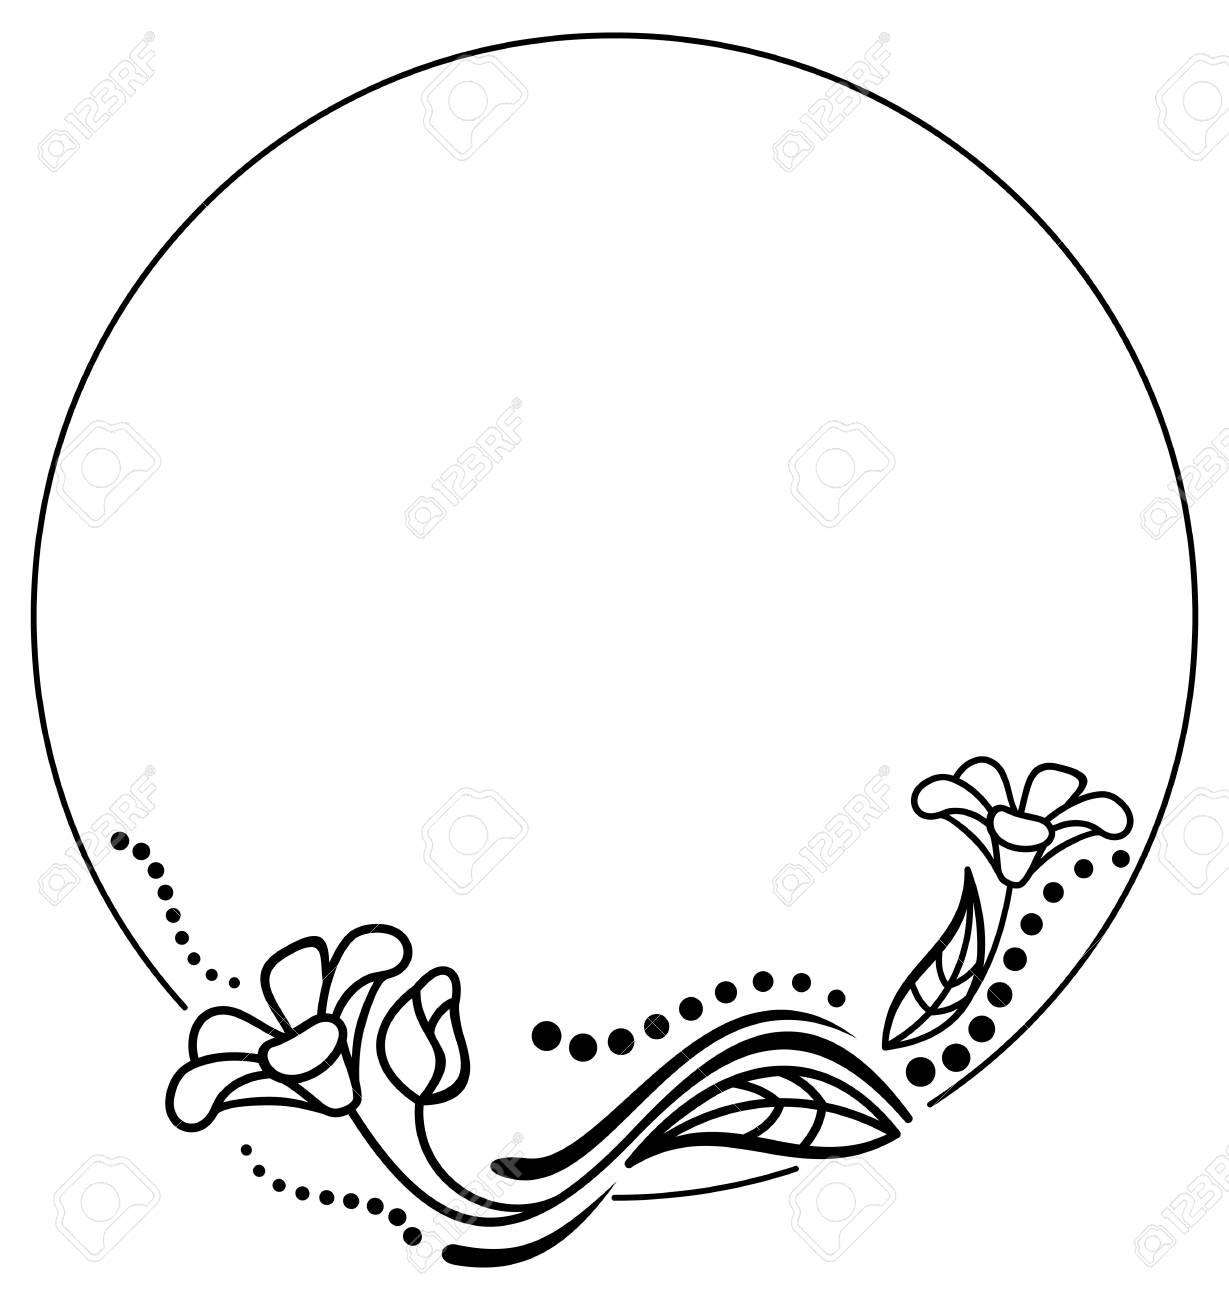 round black and white frame outline decorative flowers copy rh 123rf com